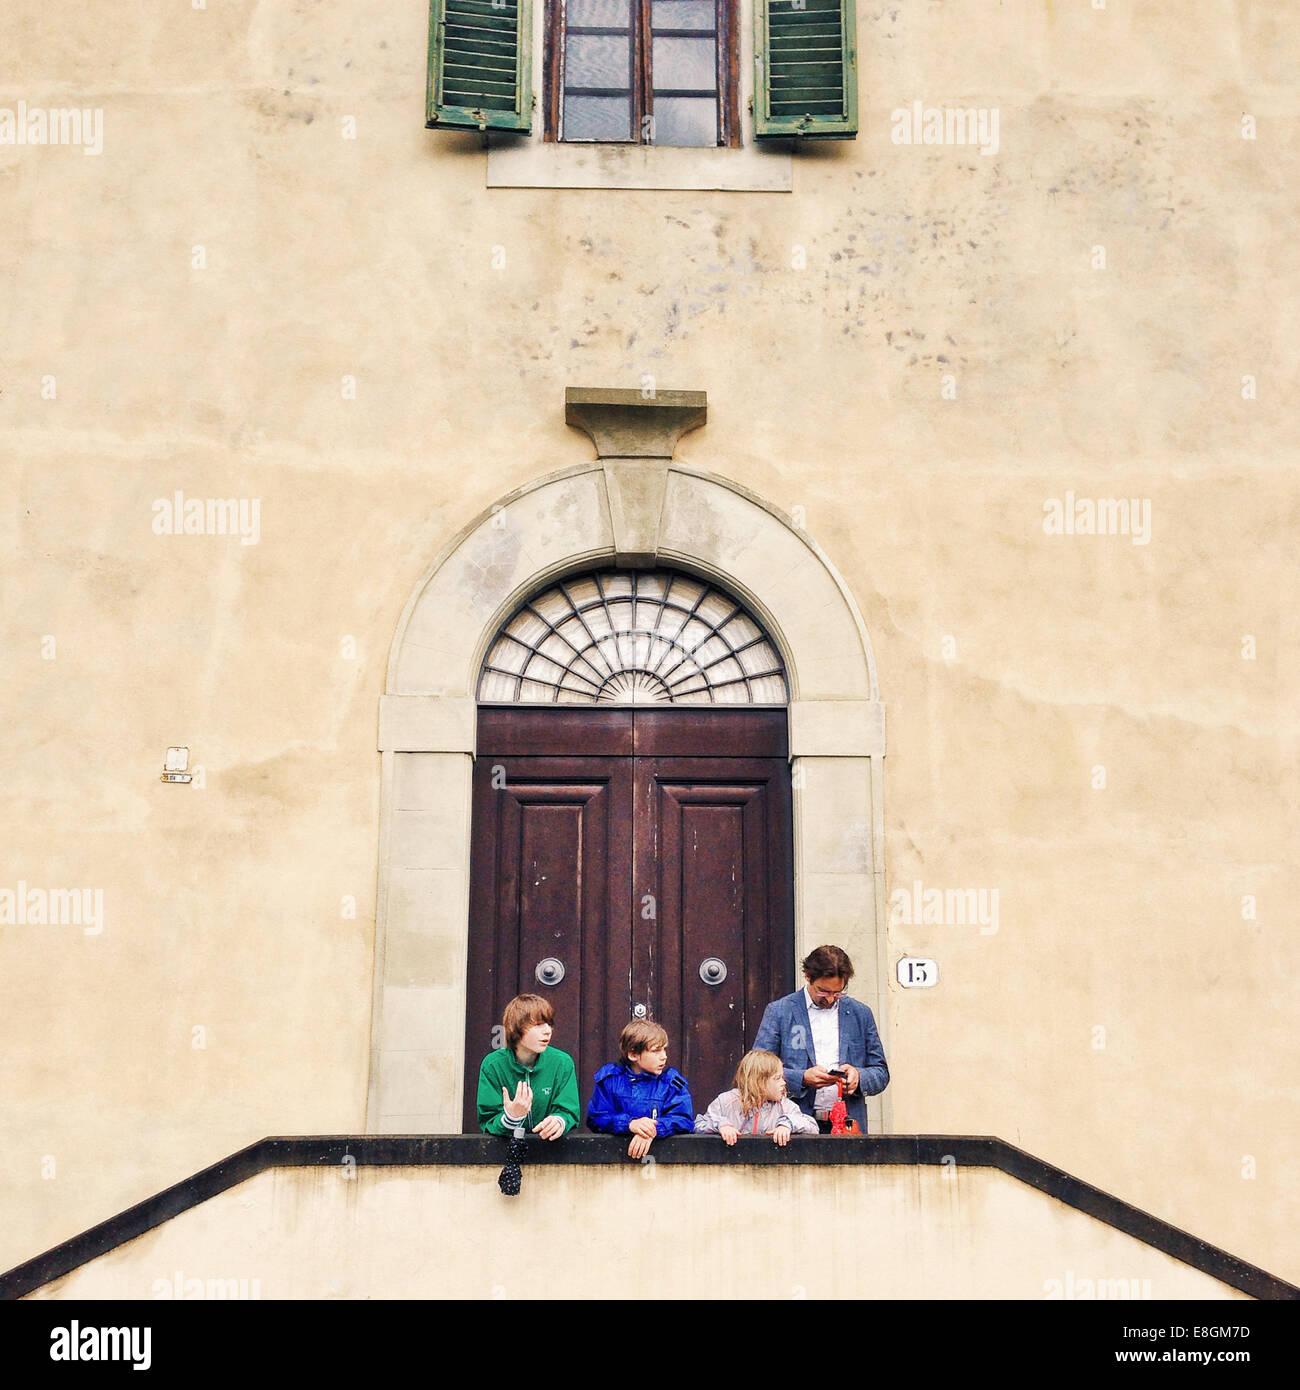 Italia, Florencia, padre de tres hijos (10-11, 12-13) de pie en frente del edificio Imagen De Stock